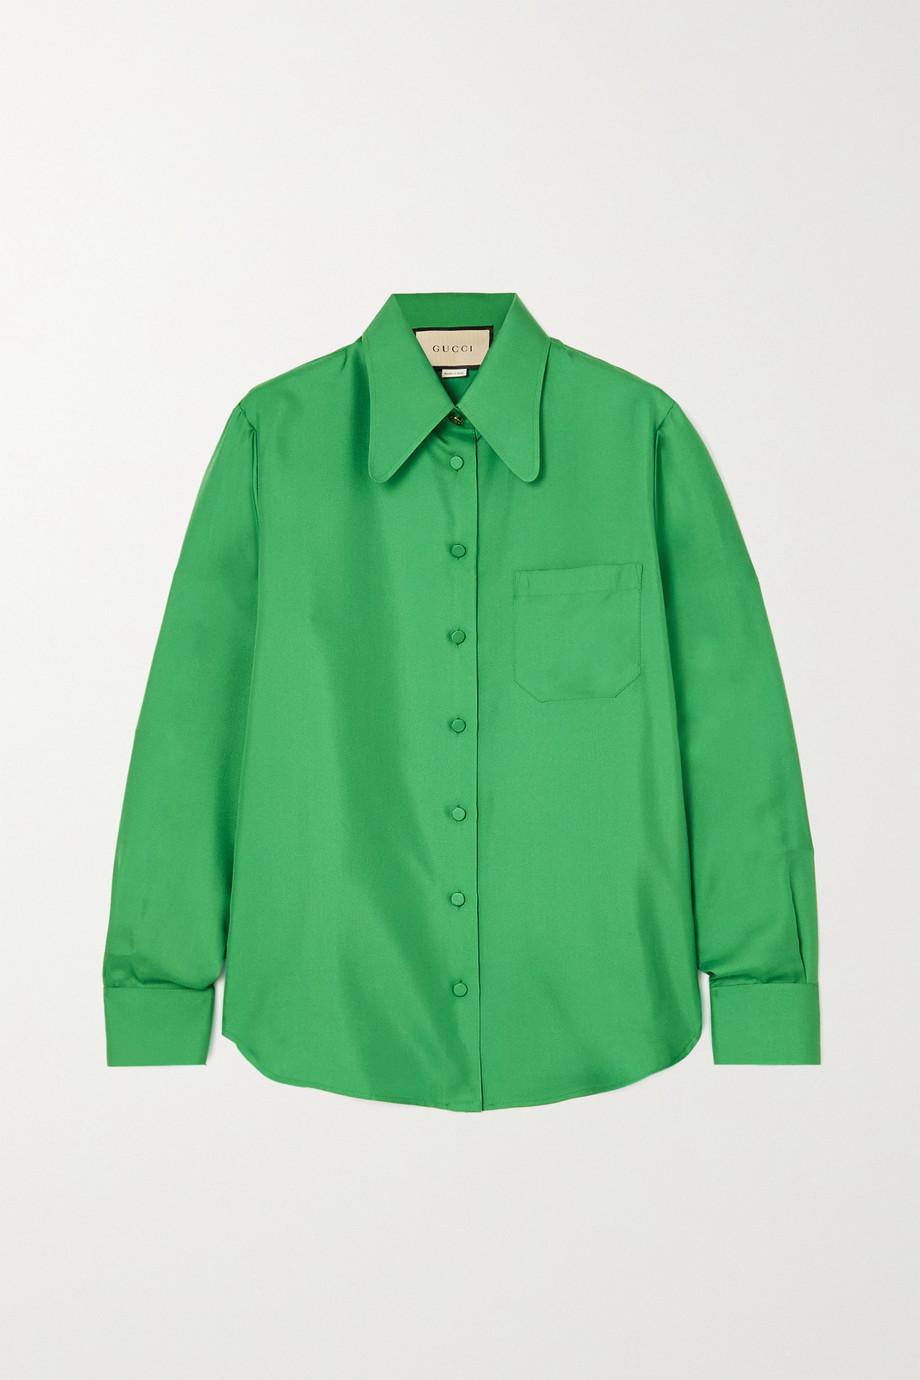 Gucci Hemd aus Seiden-Twill